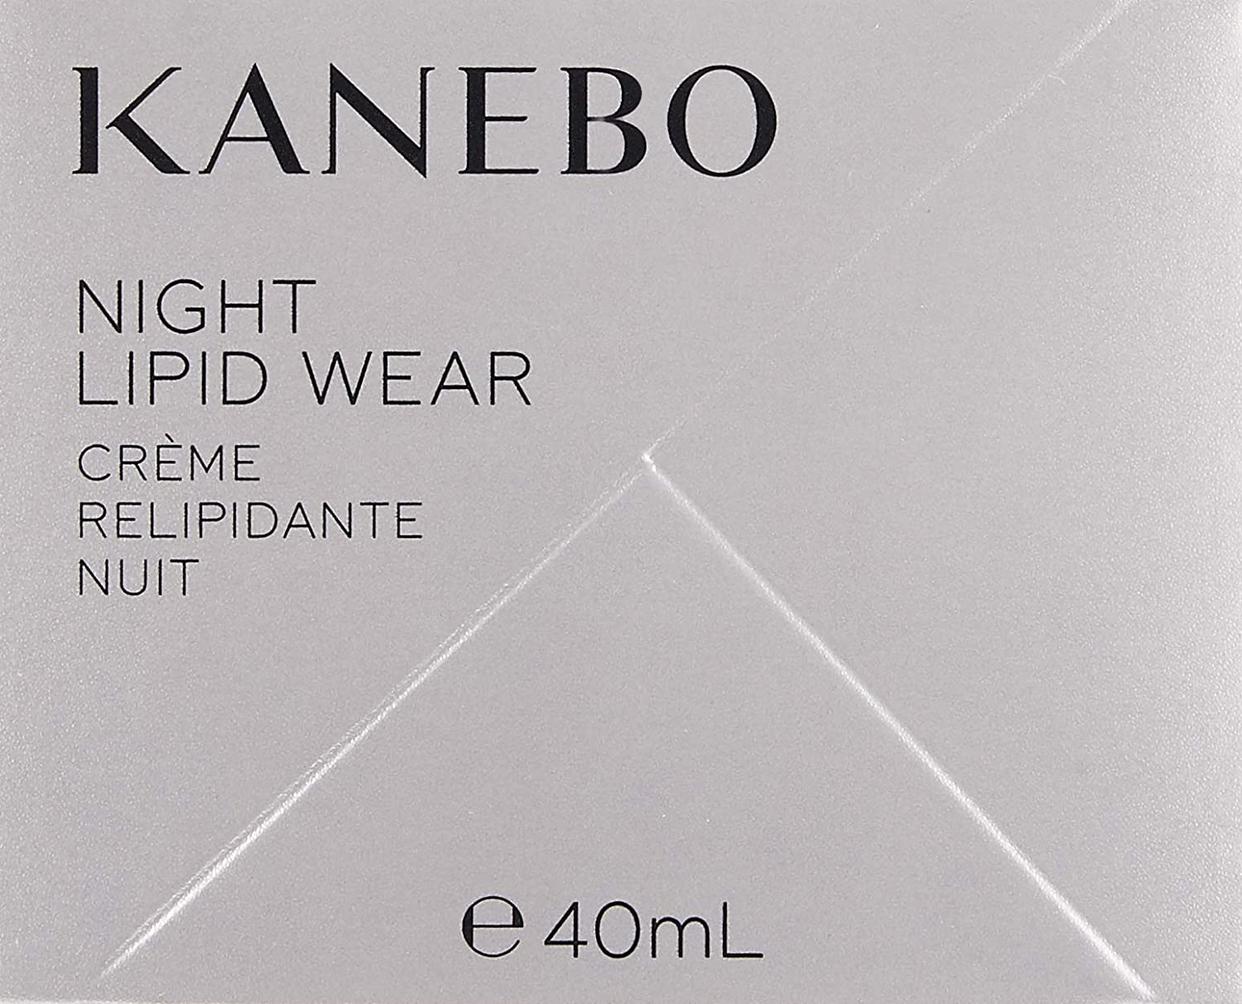 KANEBO(カネボウ) ナイト リピッド ウェアの商品画像2